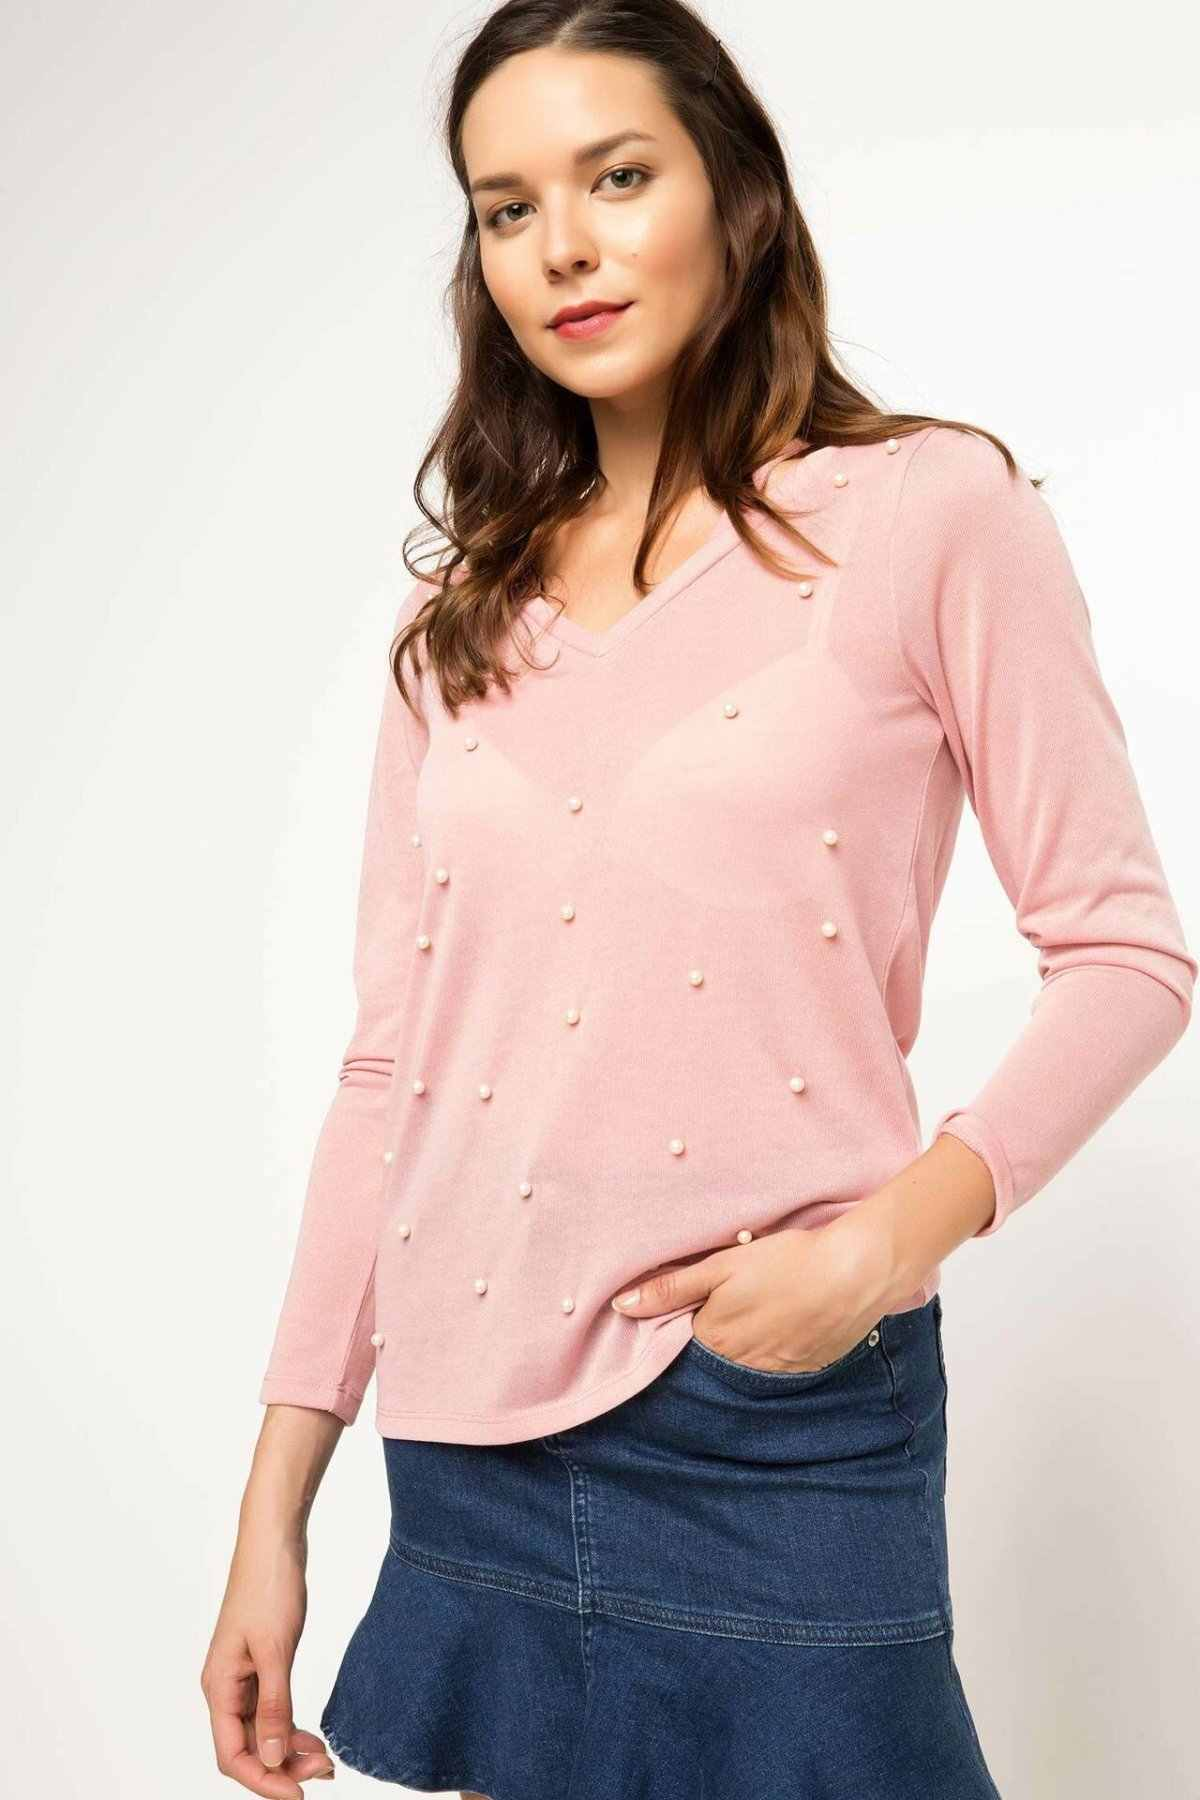 Defacto Donna Perla Pullover Delle Donne Nero Rosa di Colore a Maniche Lunghe T-Shirt in Cotone Femminile Casual Magliette E Camicette Primavera-H6776AZ17AU